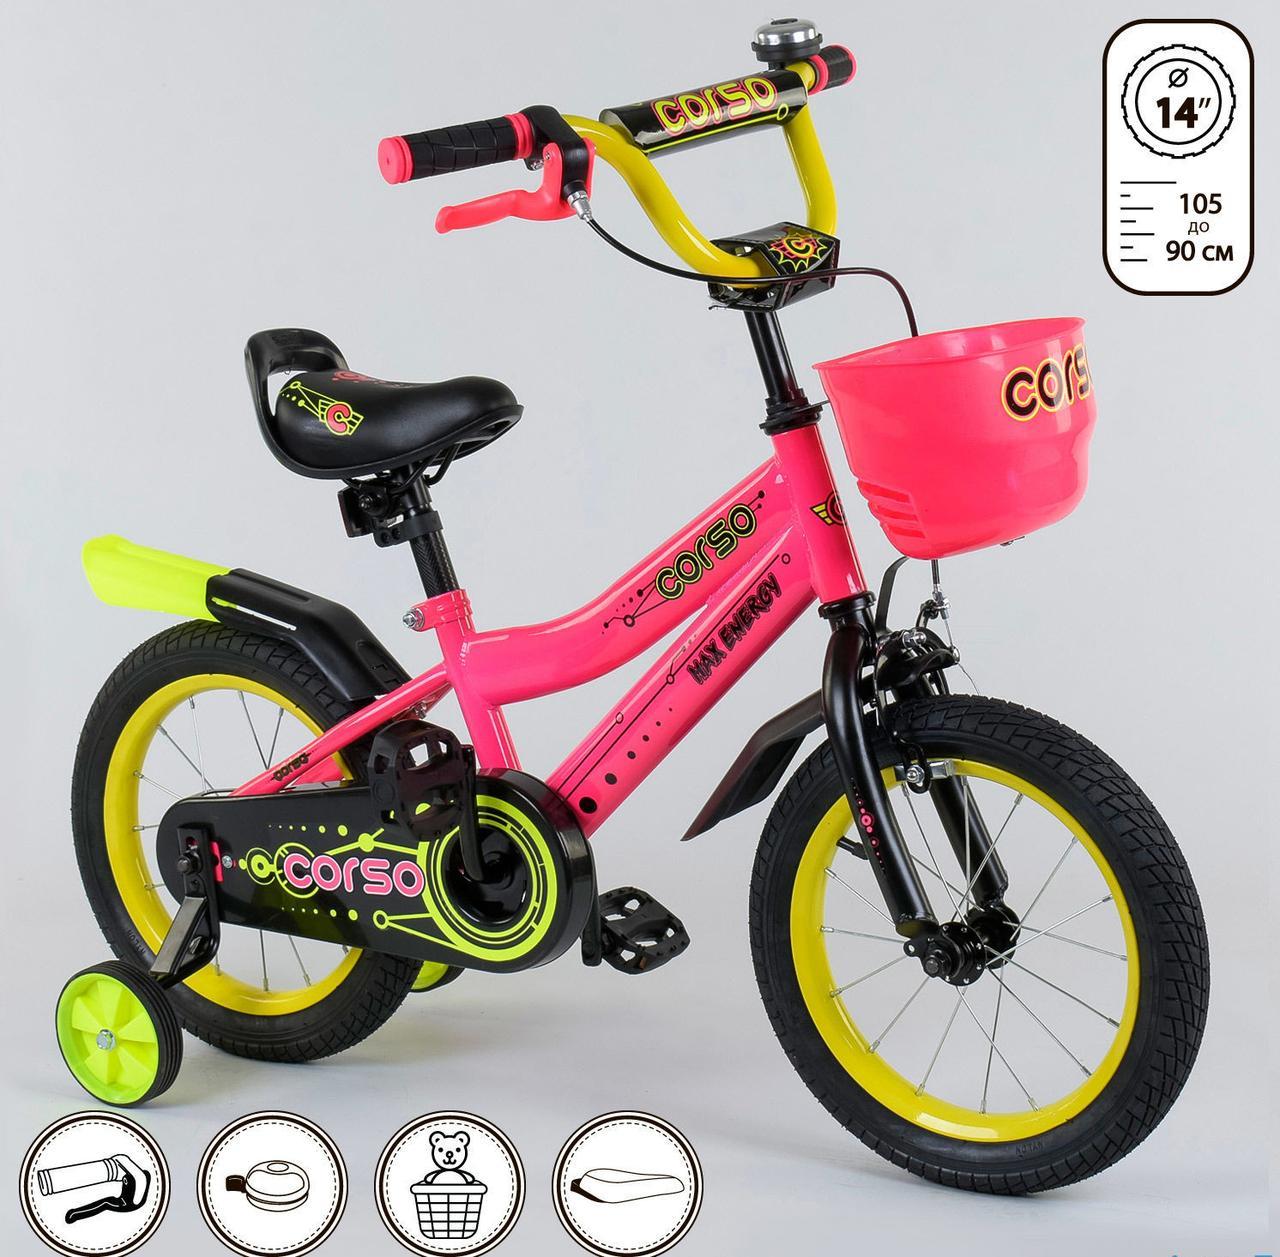 """Велосипед 14"""" дюймов 2-х колёсный R - 14511 """"CORSO"""" (1) ручной тормоз, звоночек, сидение с ручкой, доп. колеса"""